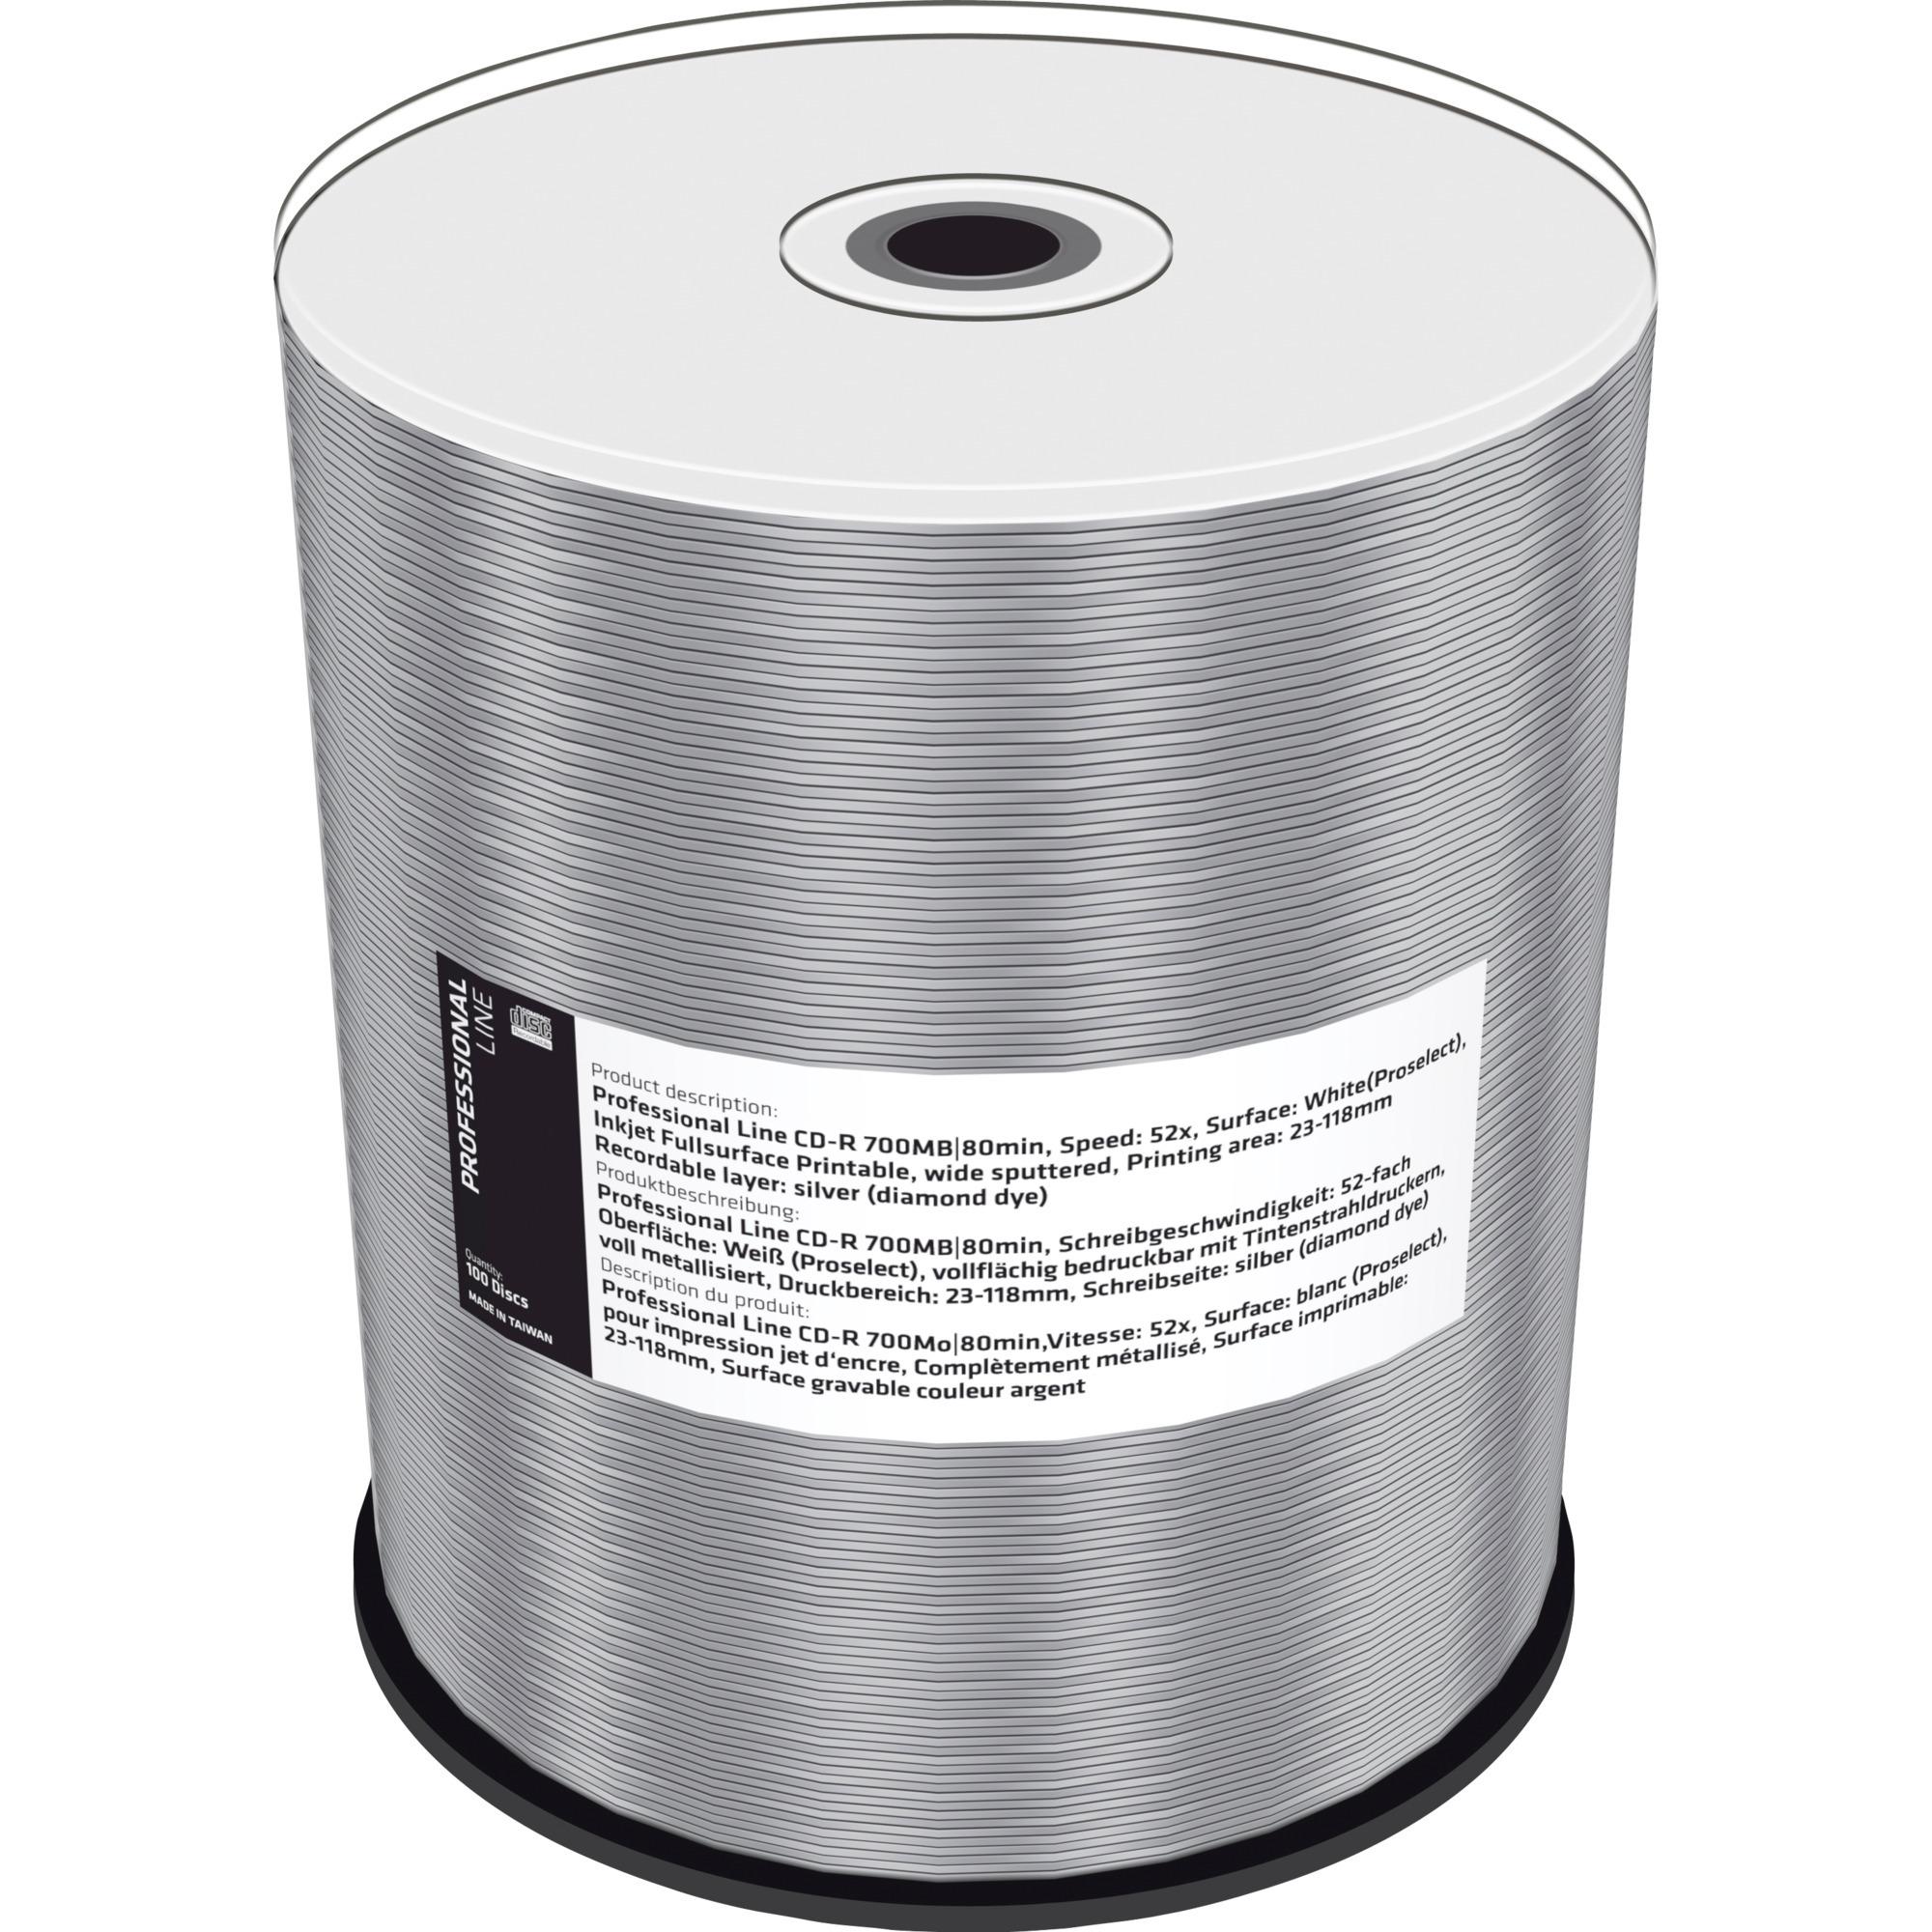 MRPL505-C, CD